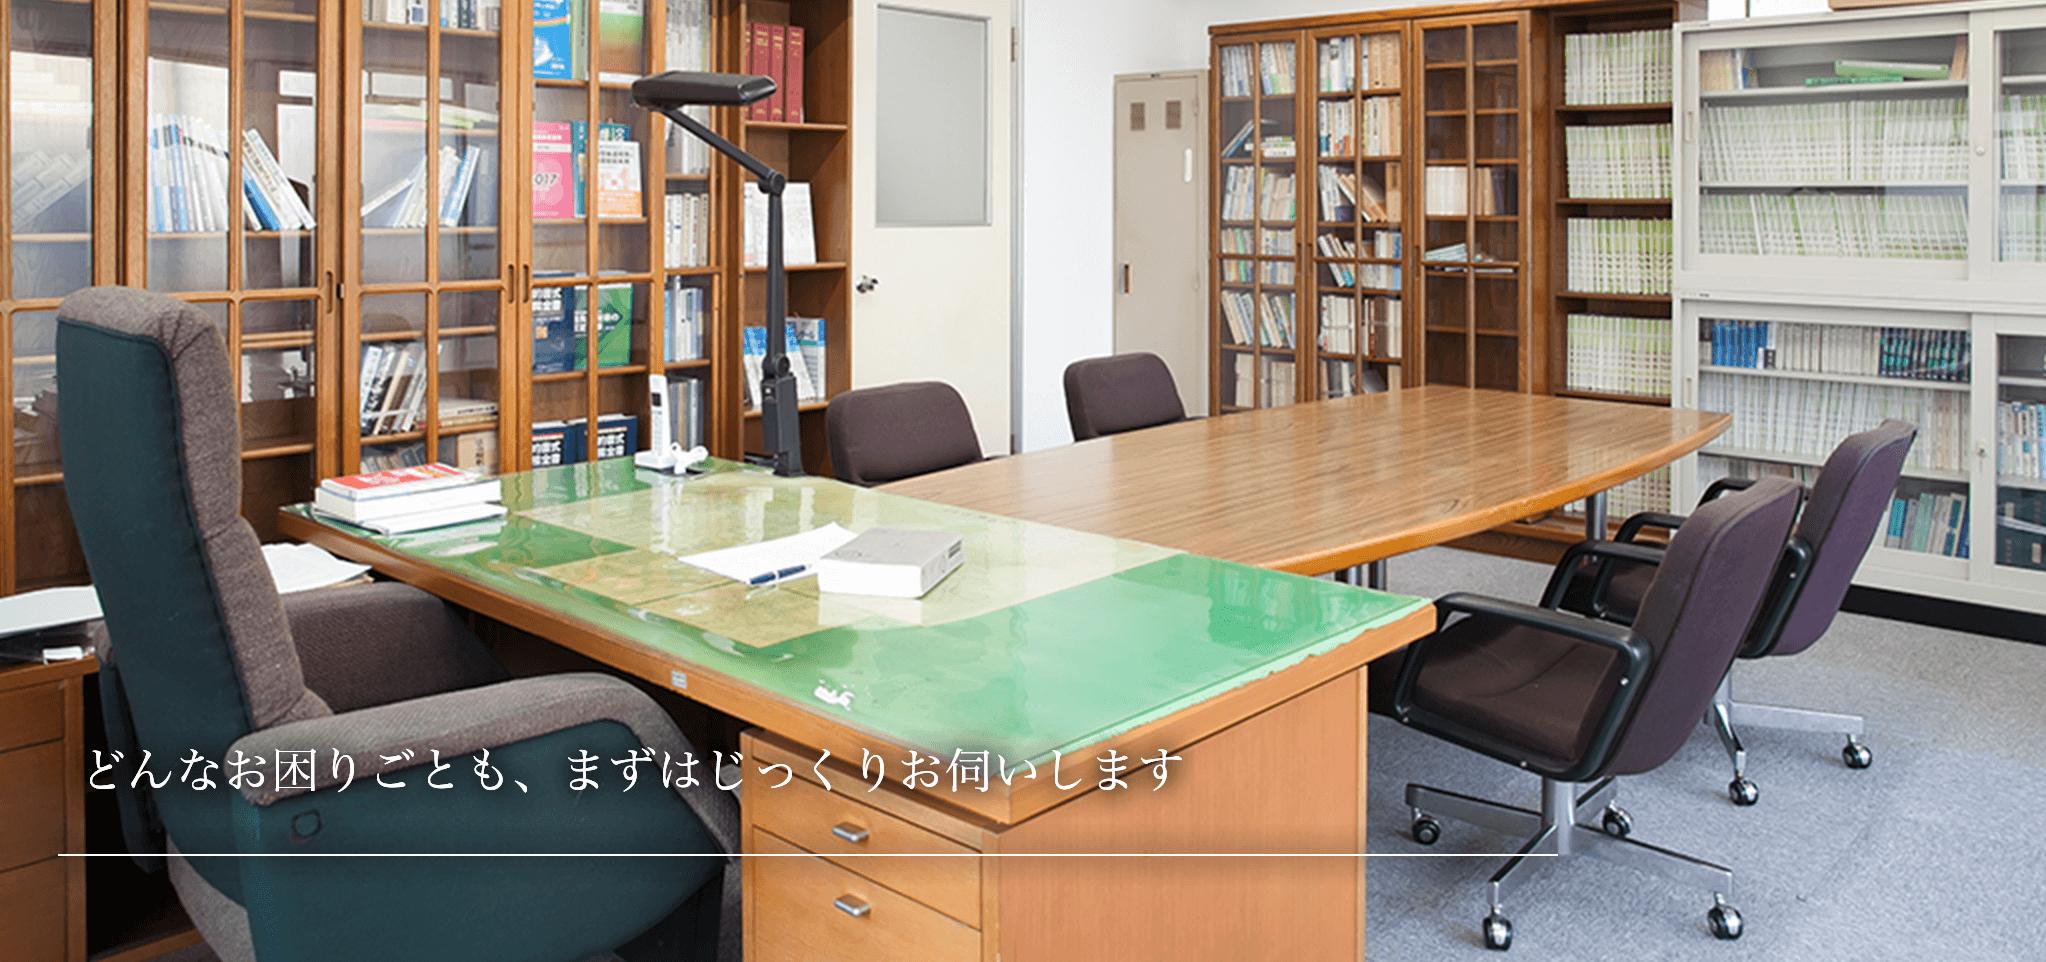 中野法律事務所イメージ01